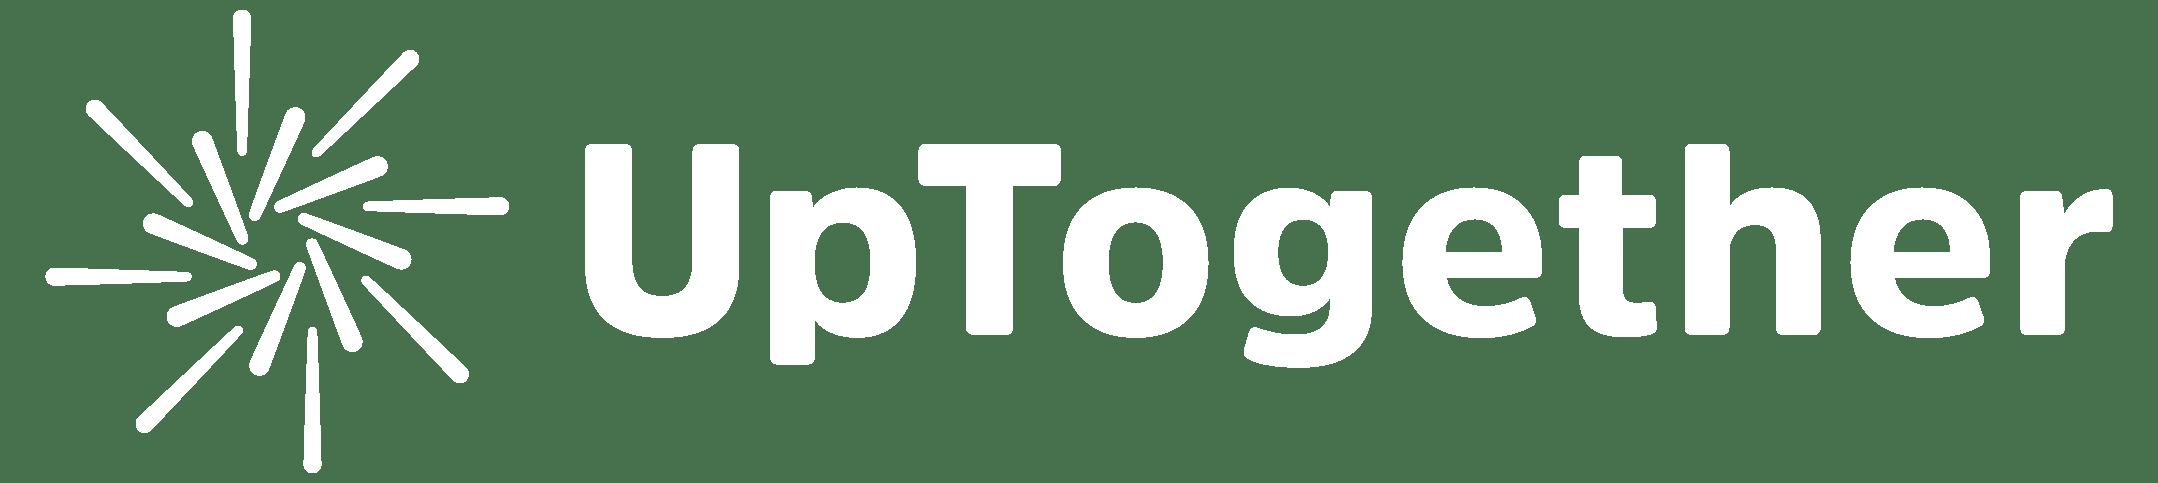 UpTogether